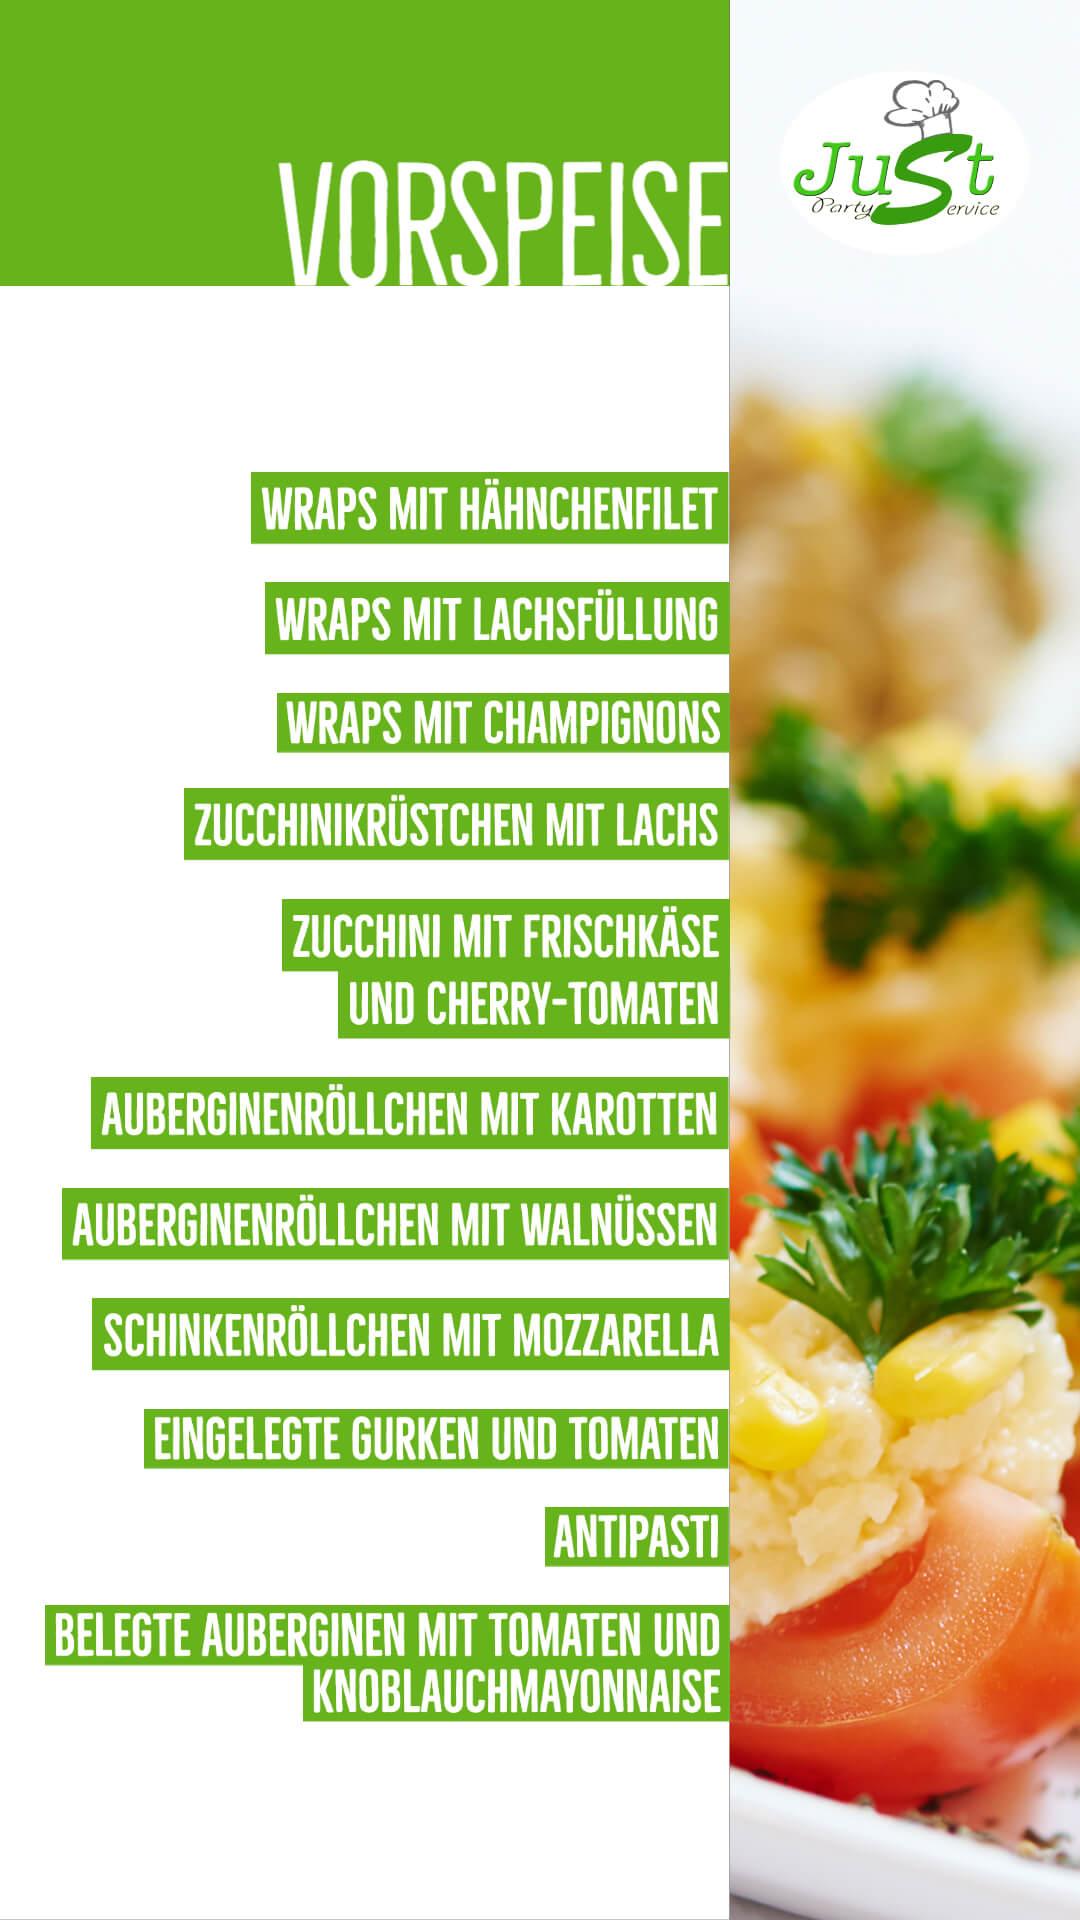 Vorspeise-Menü